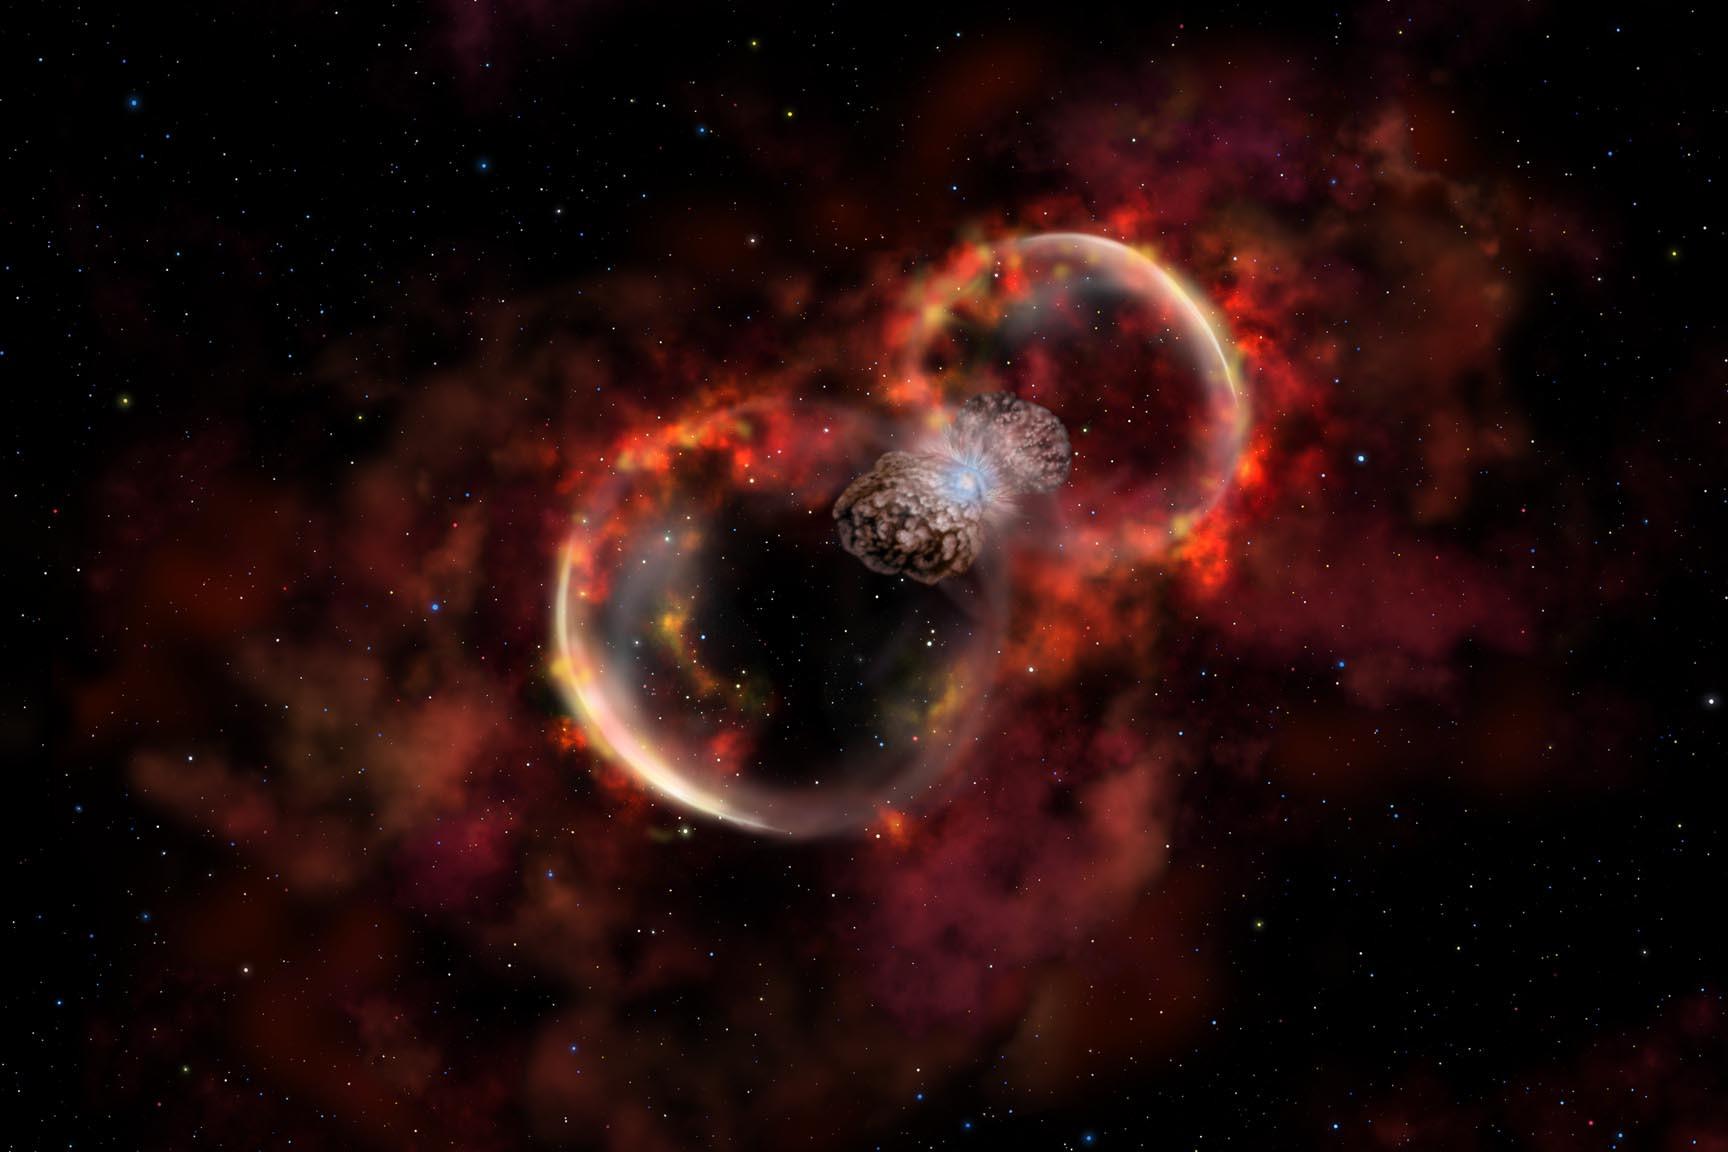 Звезда гипергигант при взрыве уничтожит всех живых организмов Земли— Ученые